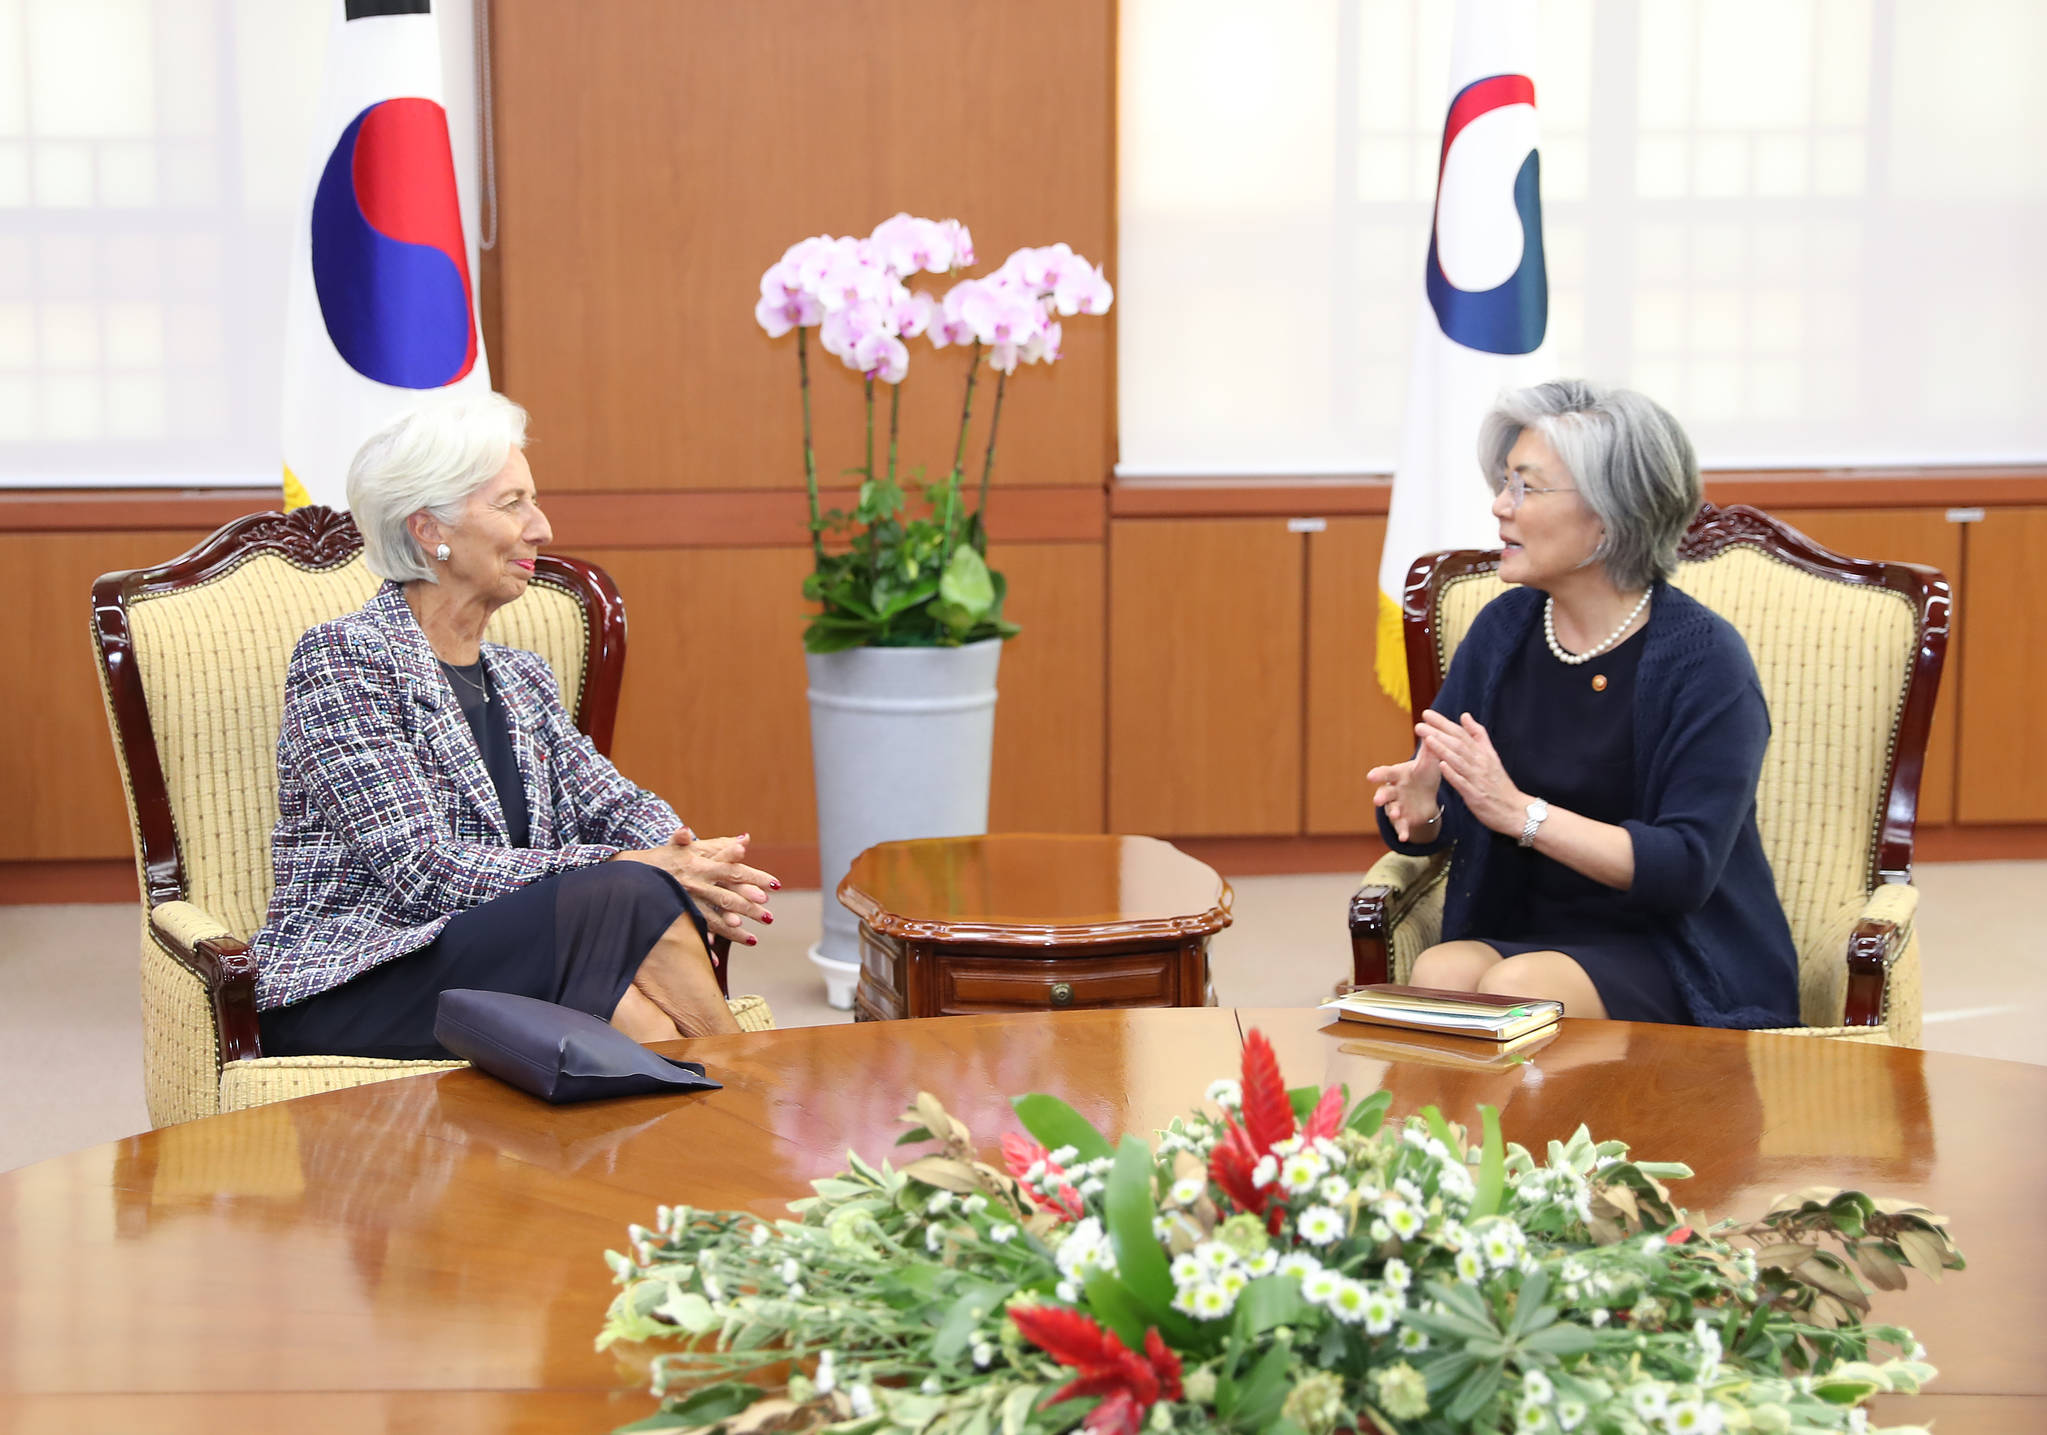 외교부 접견실에서 환담을 나누고 있는 강경화 장관과 라가르드총재. 우상조 기자